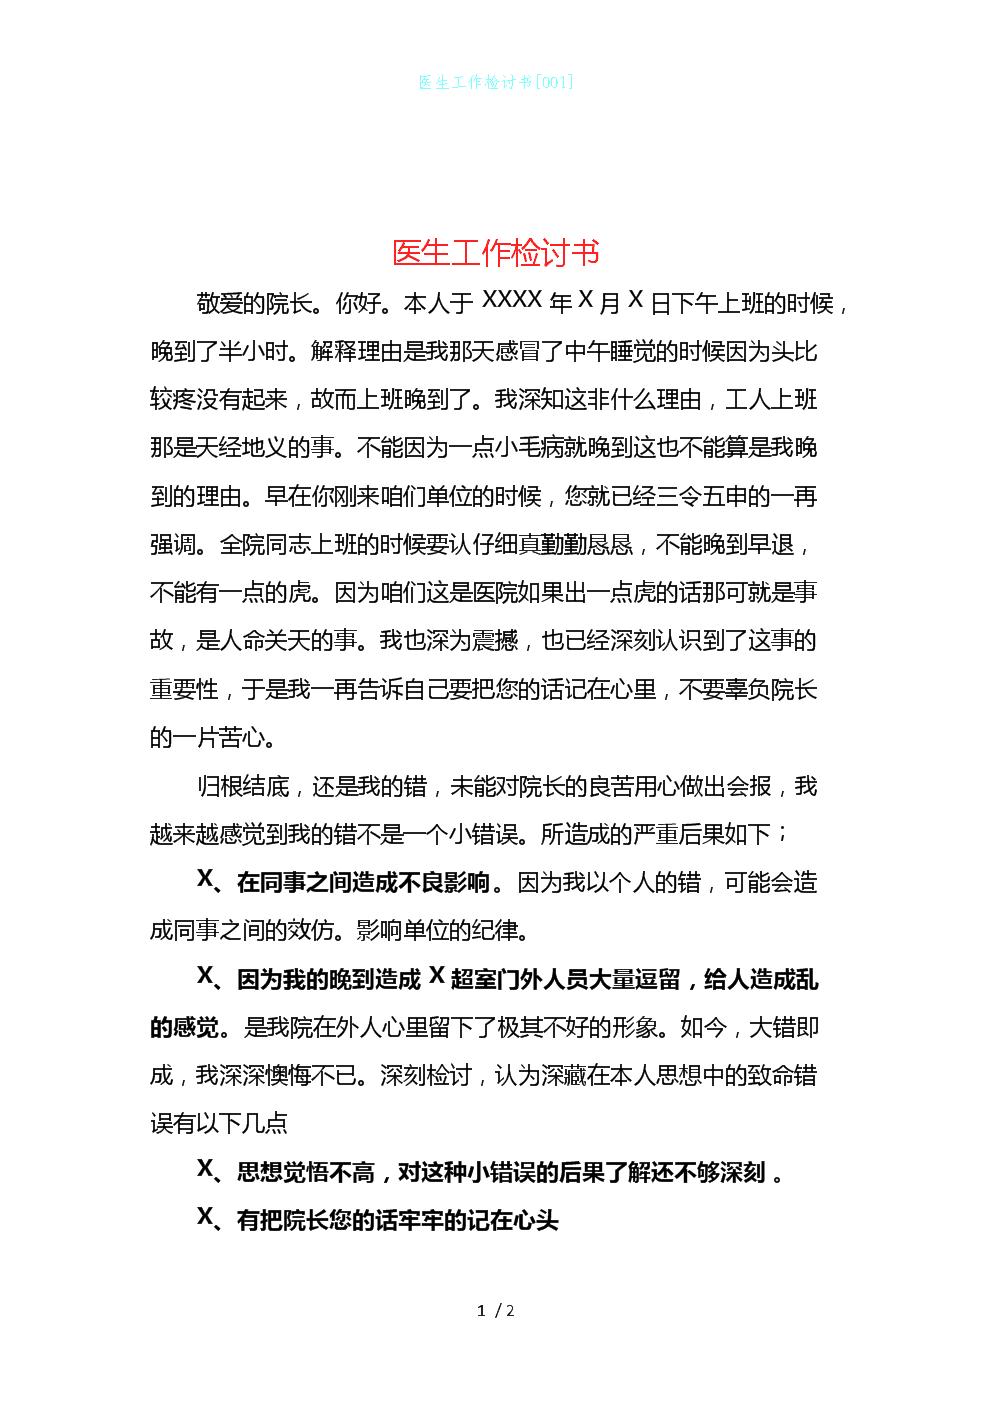 医生工作检讨书[001].docx